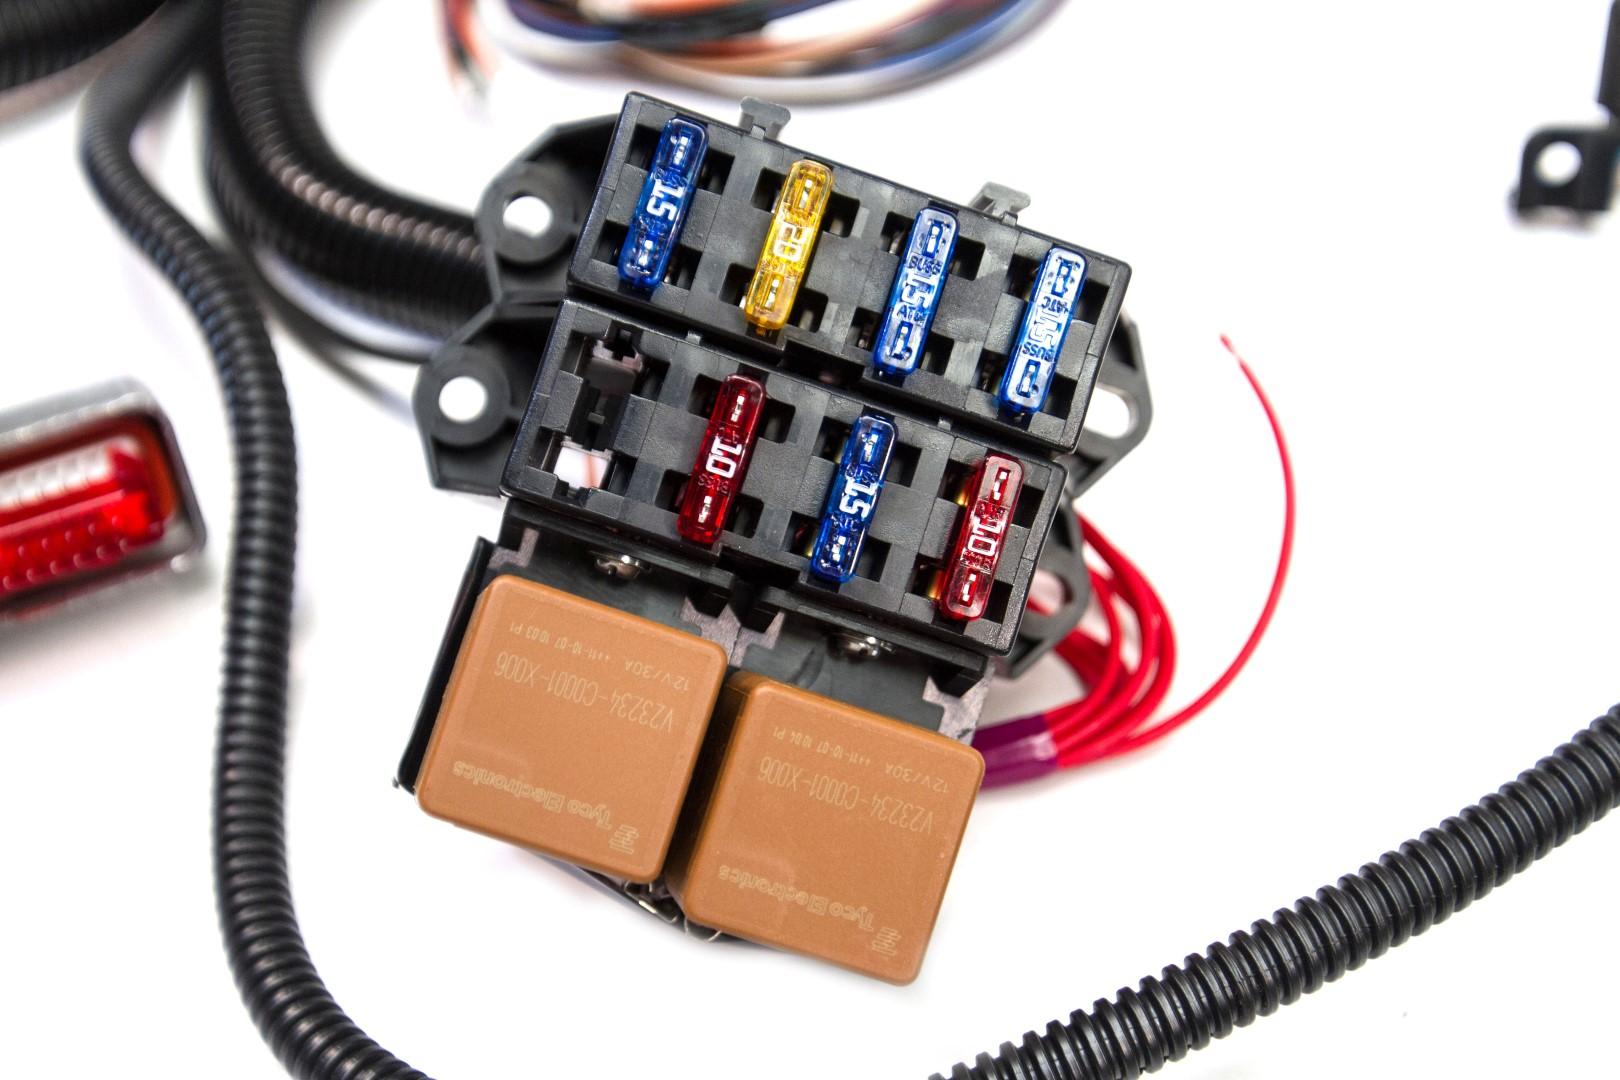 ls2 wiring harness  06  13 gen iv    ls2    ls3 w t56 tr6060 standalone    wiring      06  13 gen iv    ls2    ls3 w t56 tr6060 standalone    wiring